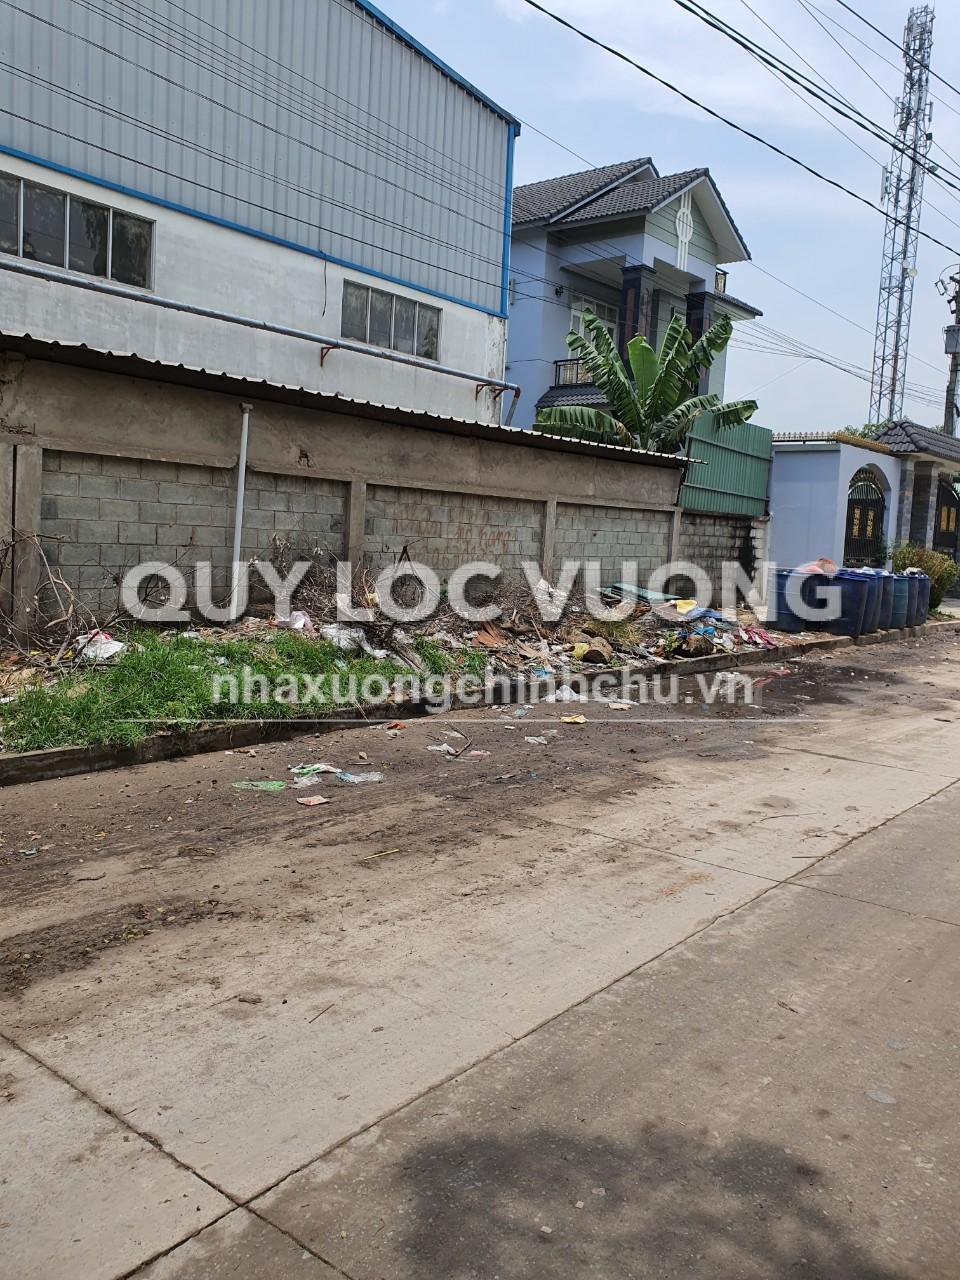 Cho thuê nhà xưởng 17.000m2 trong KCN Nam Tân Uyên Bình Dương